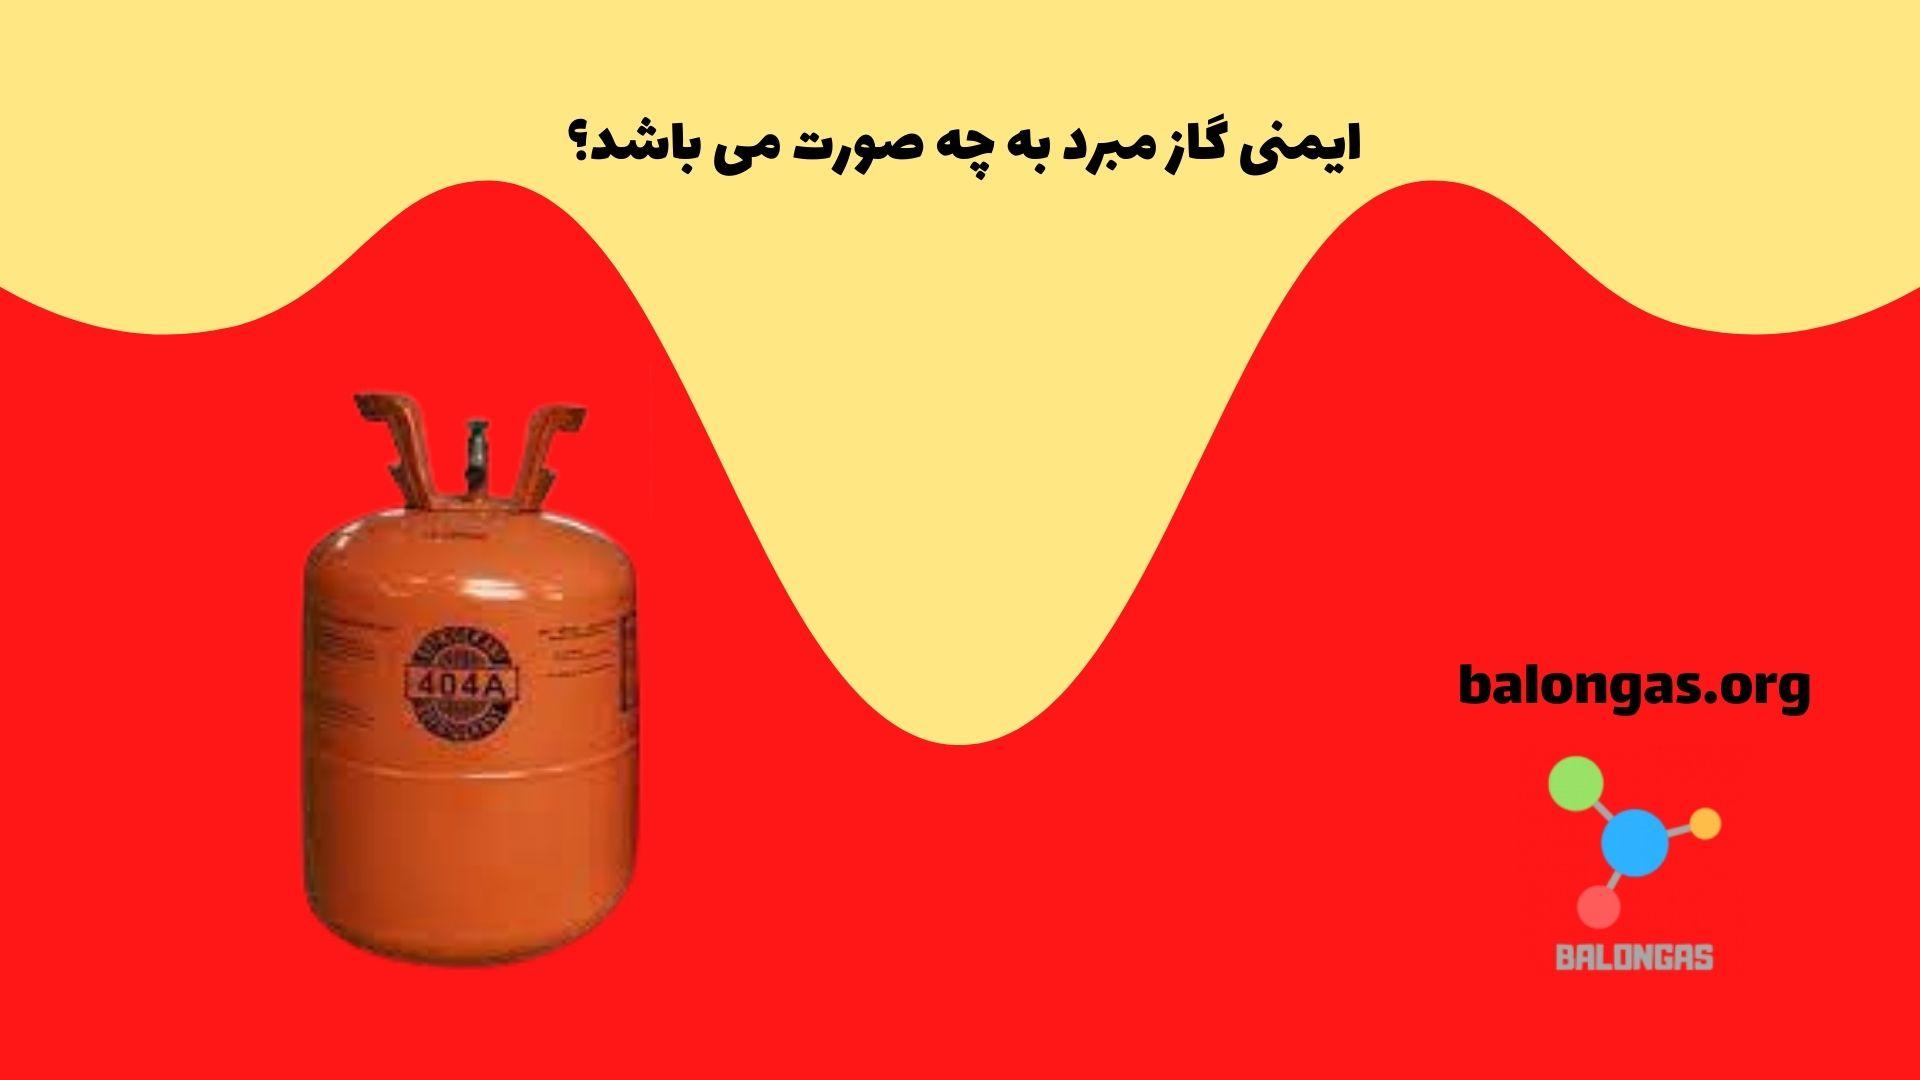 ایمنی گاز مبرد به چه صورت می باشد؟